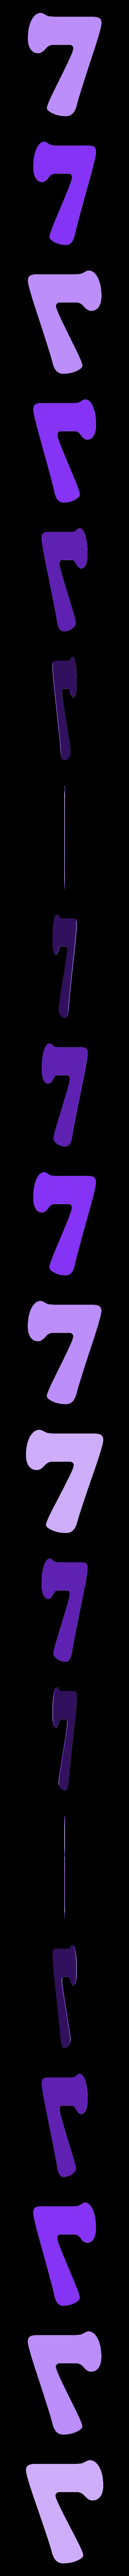 Number 7.stl Télécharger fichier STL Autocollants de bonne fête • Modèle pour impression 3D, abbymath